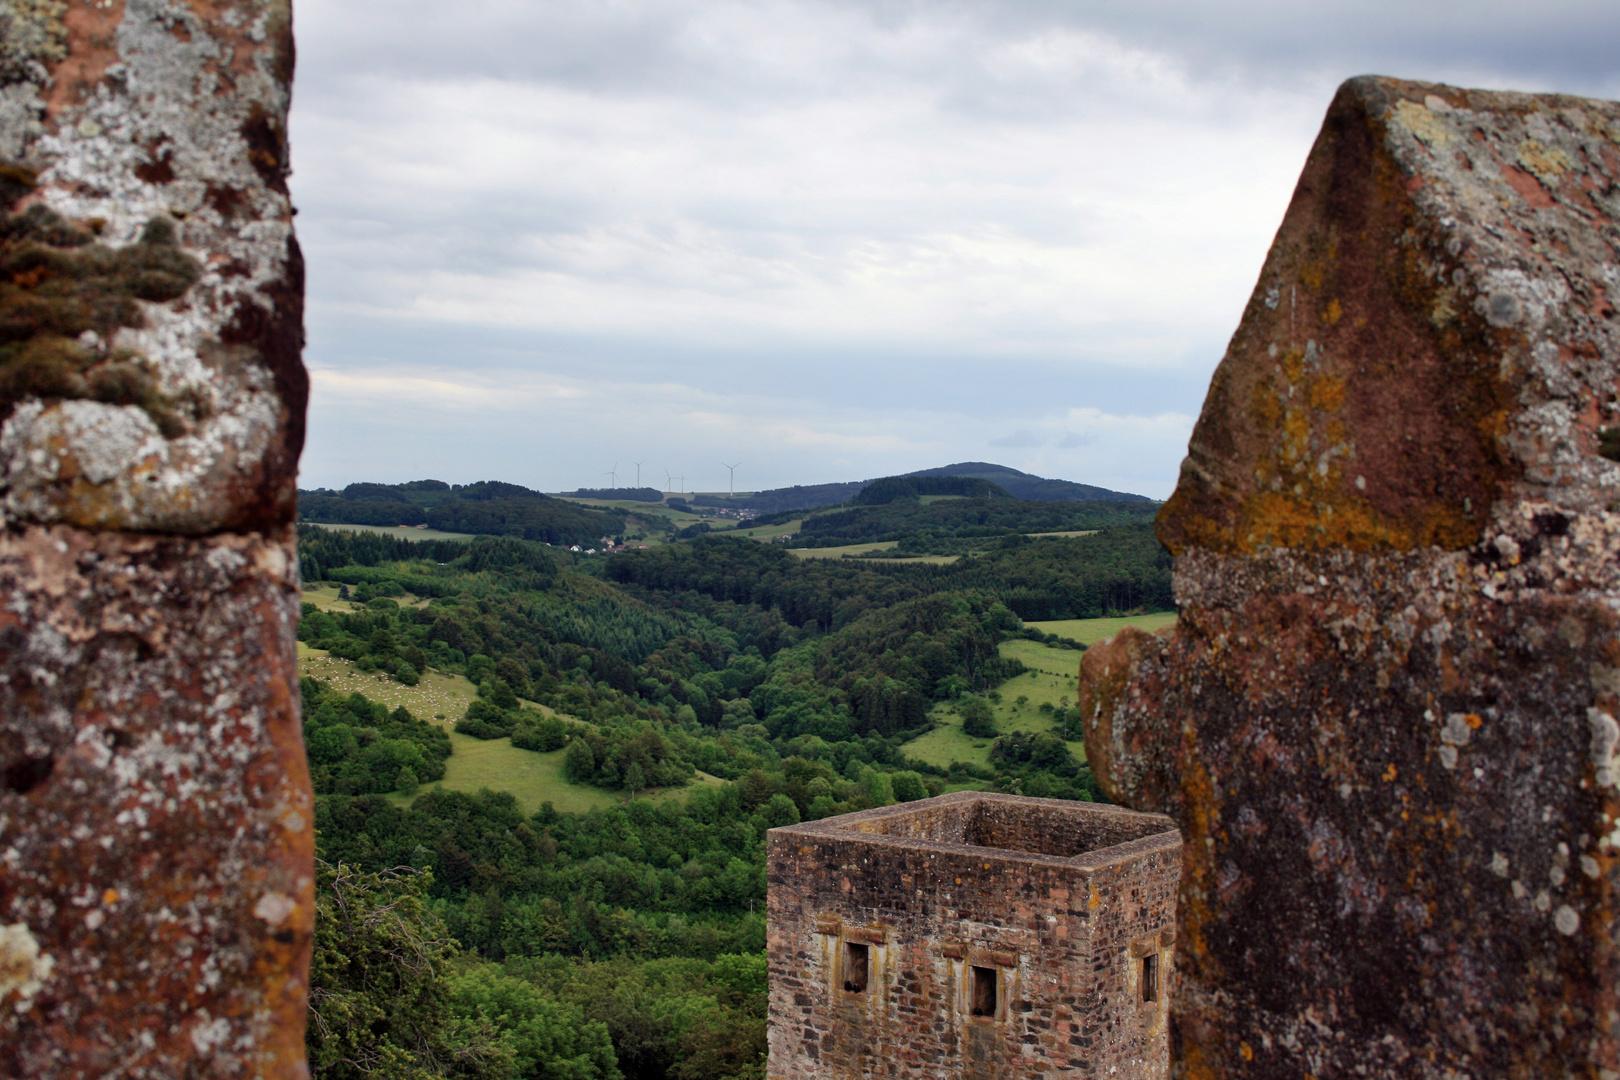 Ausblick von Turm der Kasselburg